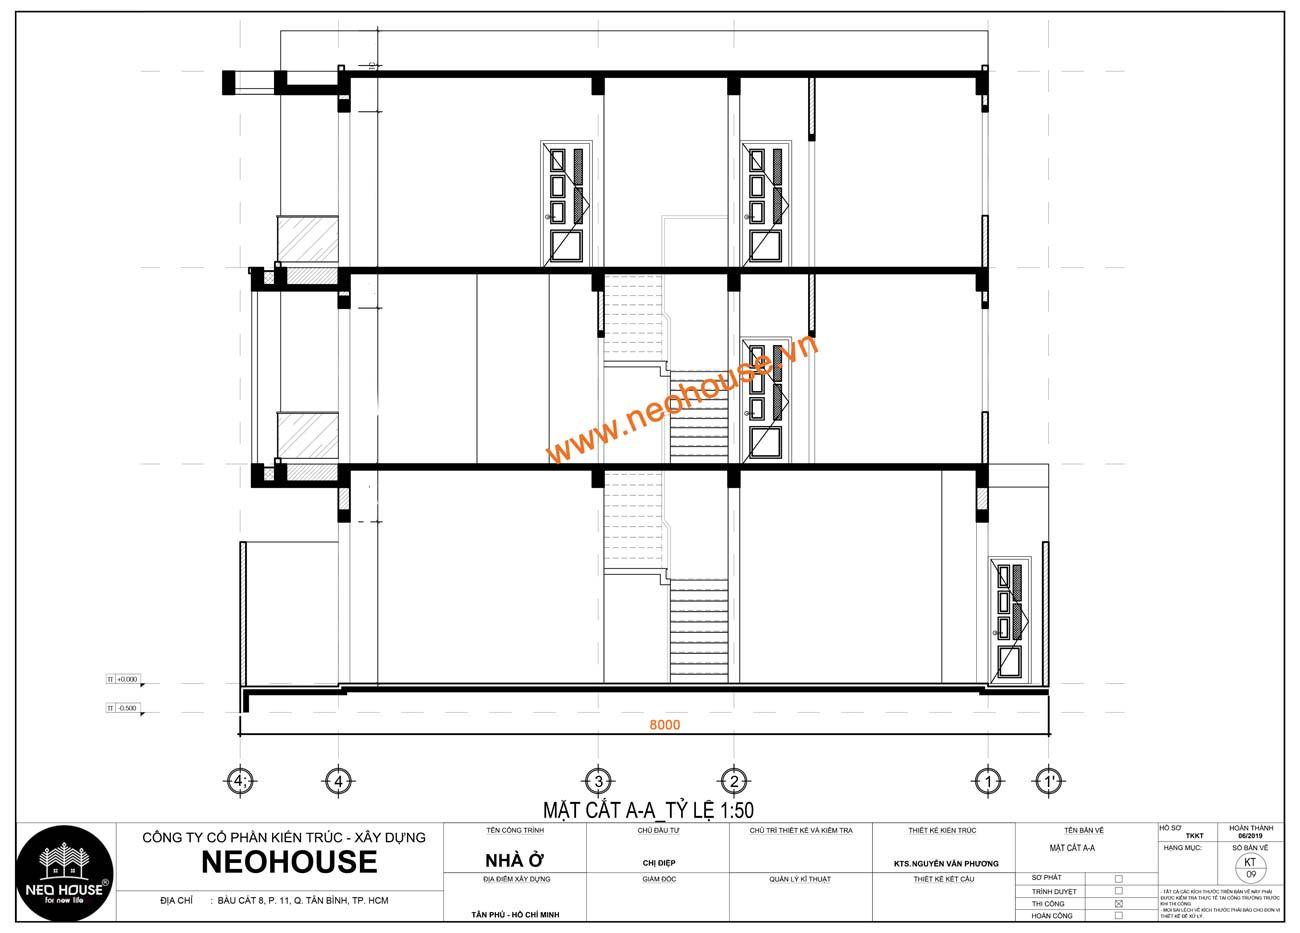 Mặt cắt nhà phố 8x15m 3 tầng